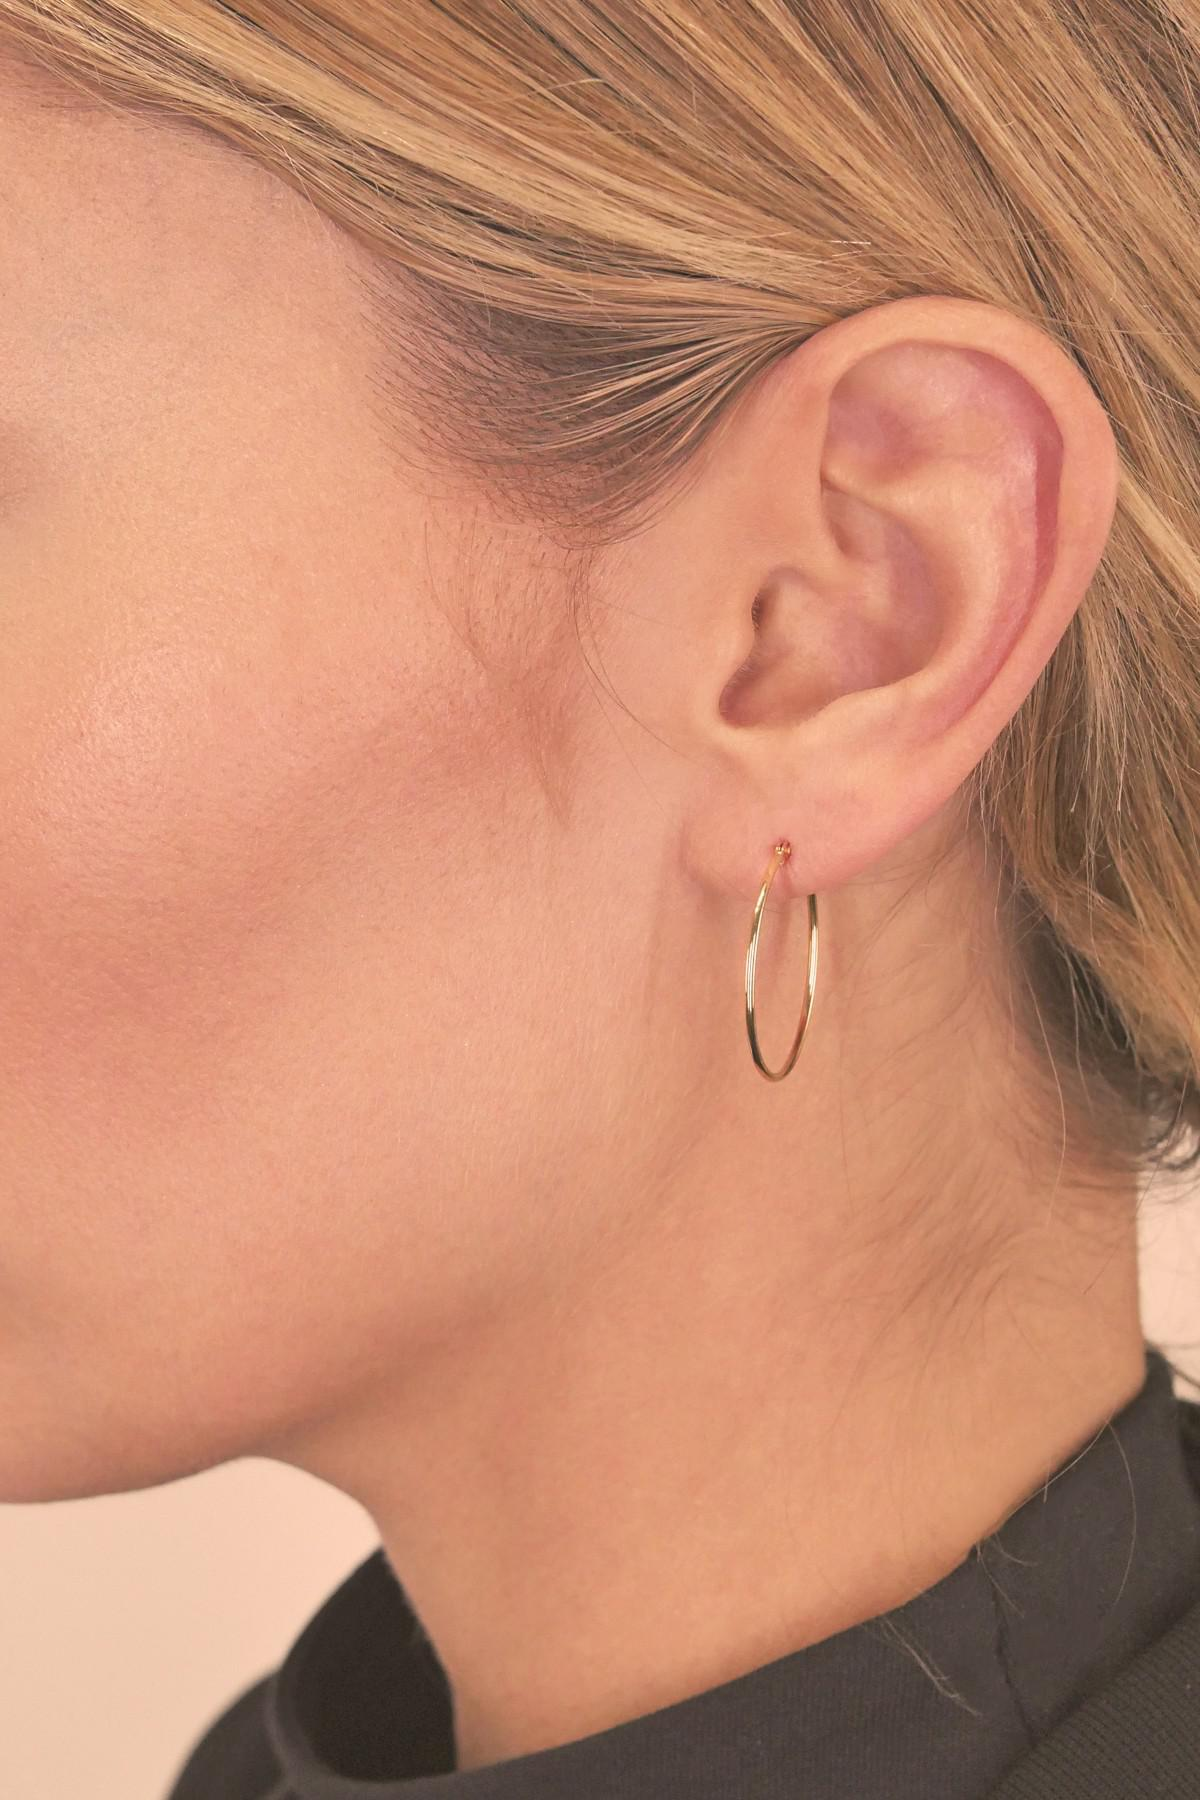 fc4a5f8388ecc White Gold Skinny Hoop Earrings - The Best Produck Of Earring